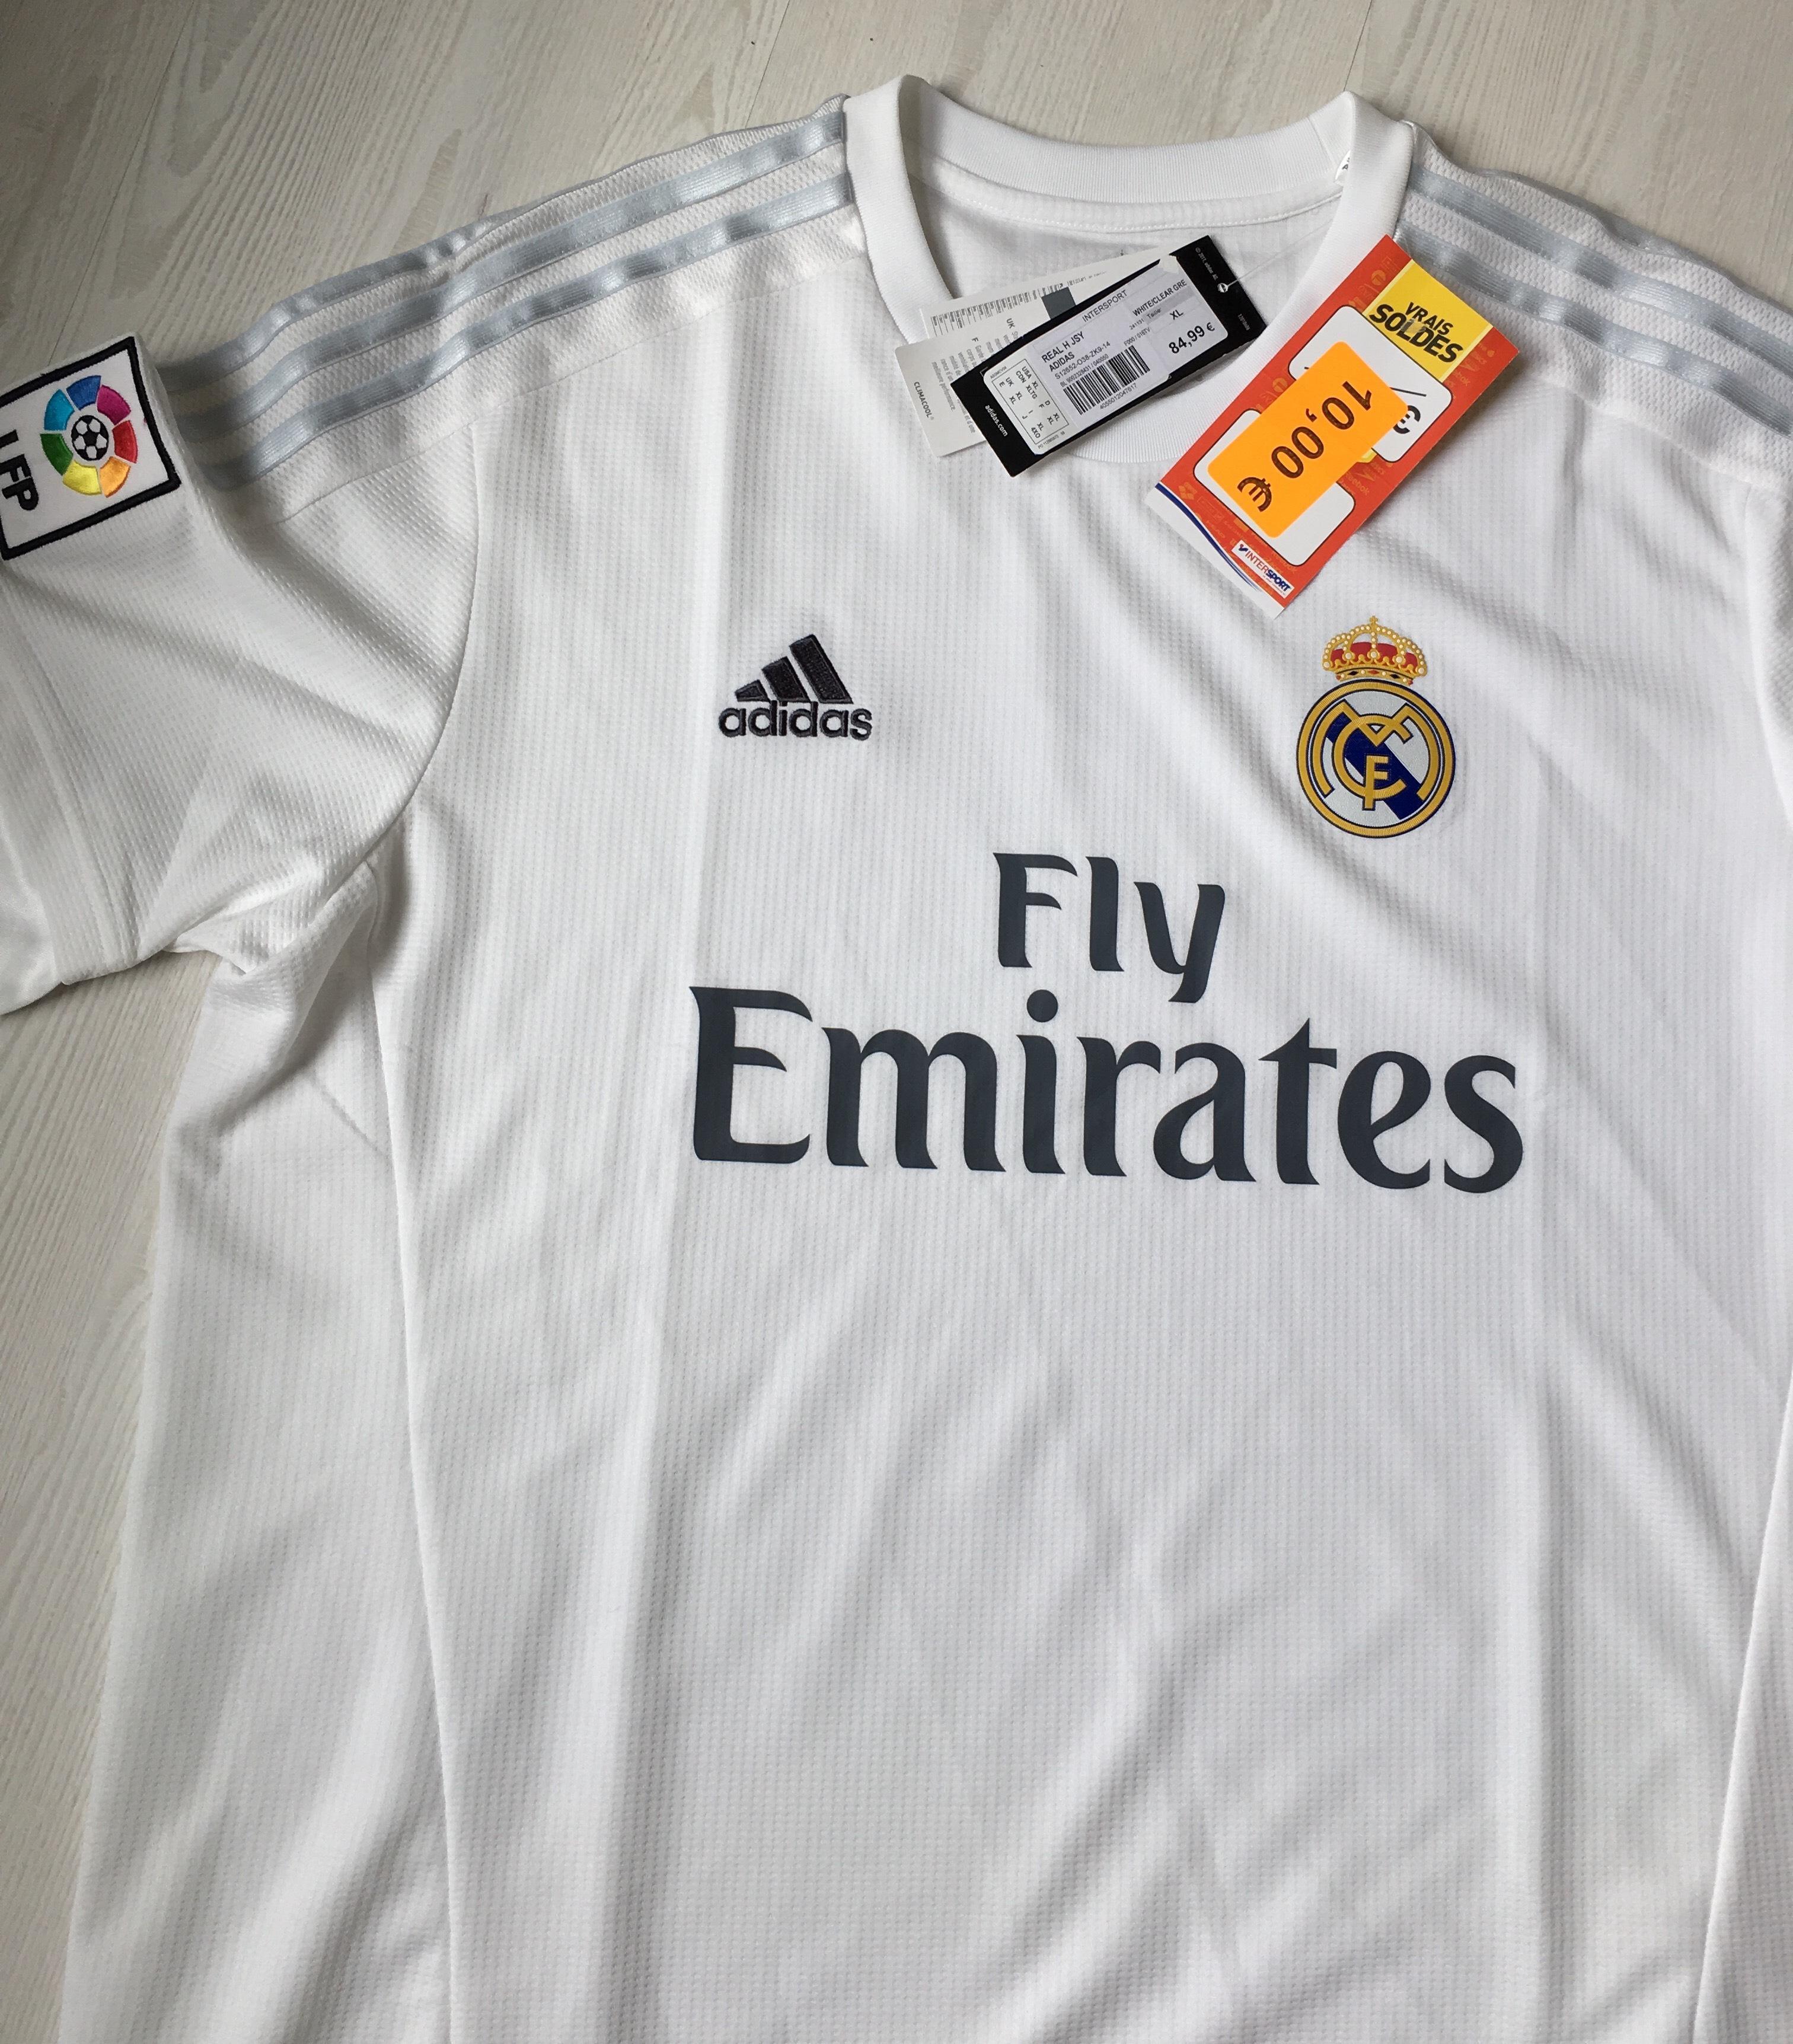 Sélection de maillots de football soldés - Ex : Maillot Domicile Real Madrid